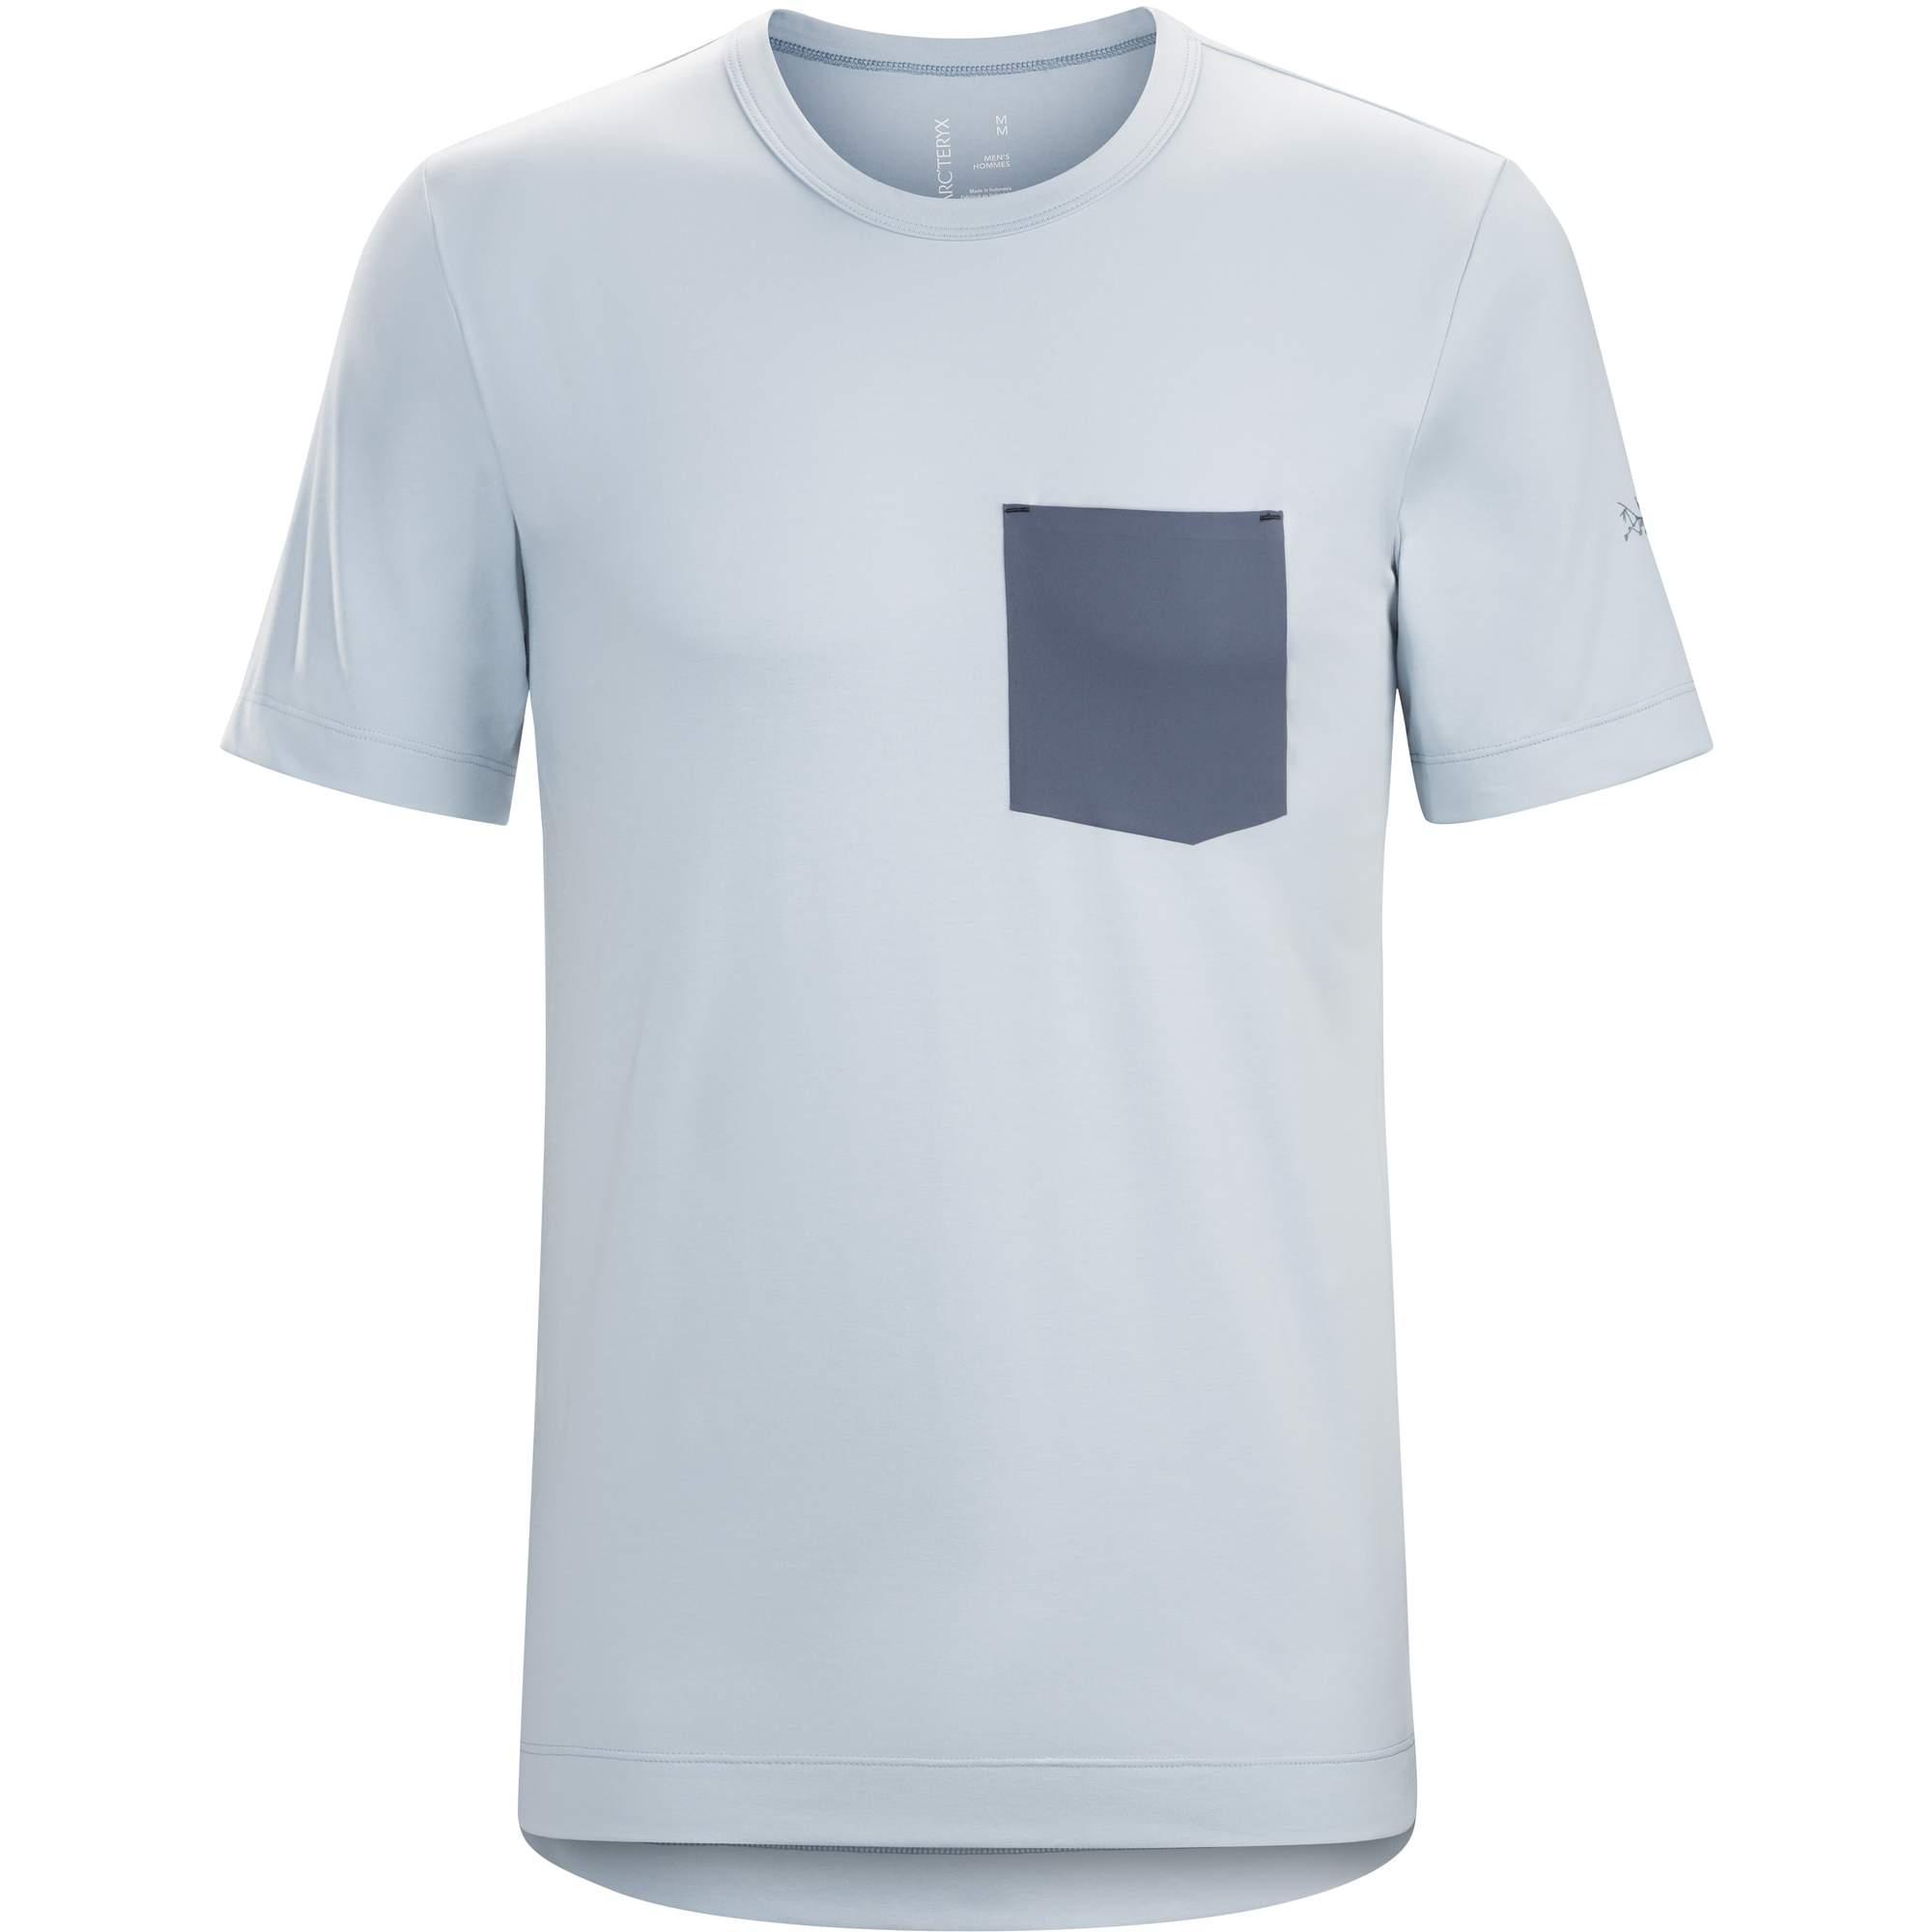 Arc'teryx Anzo T-Shirt Männer Gr. S - Funktionsshirt - grau